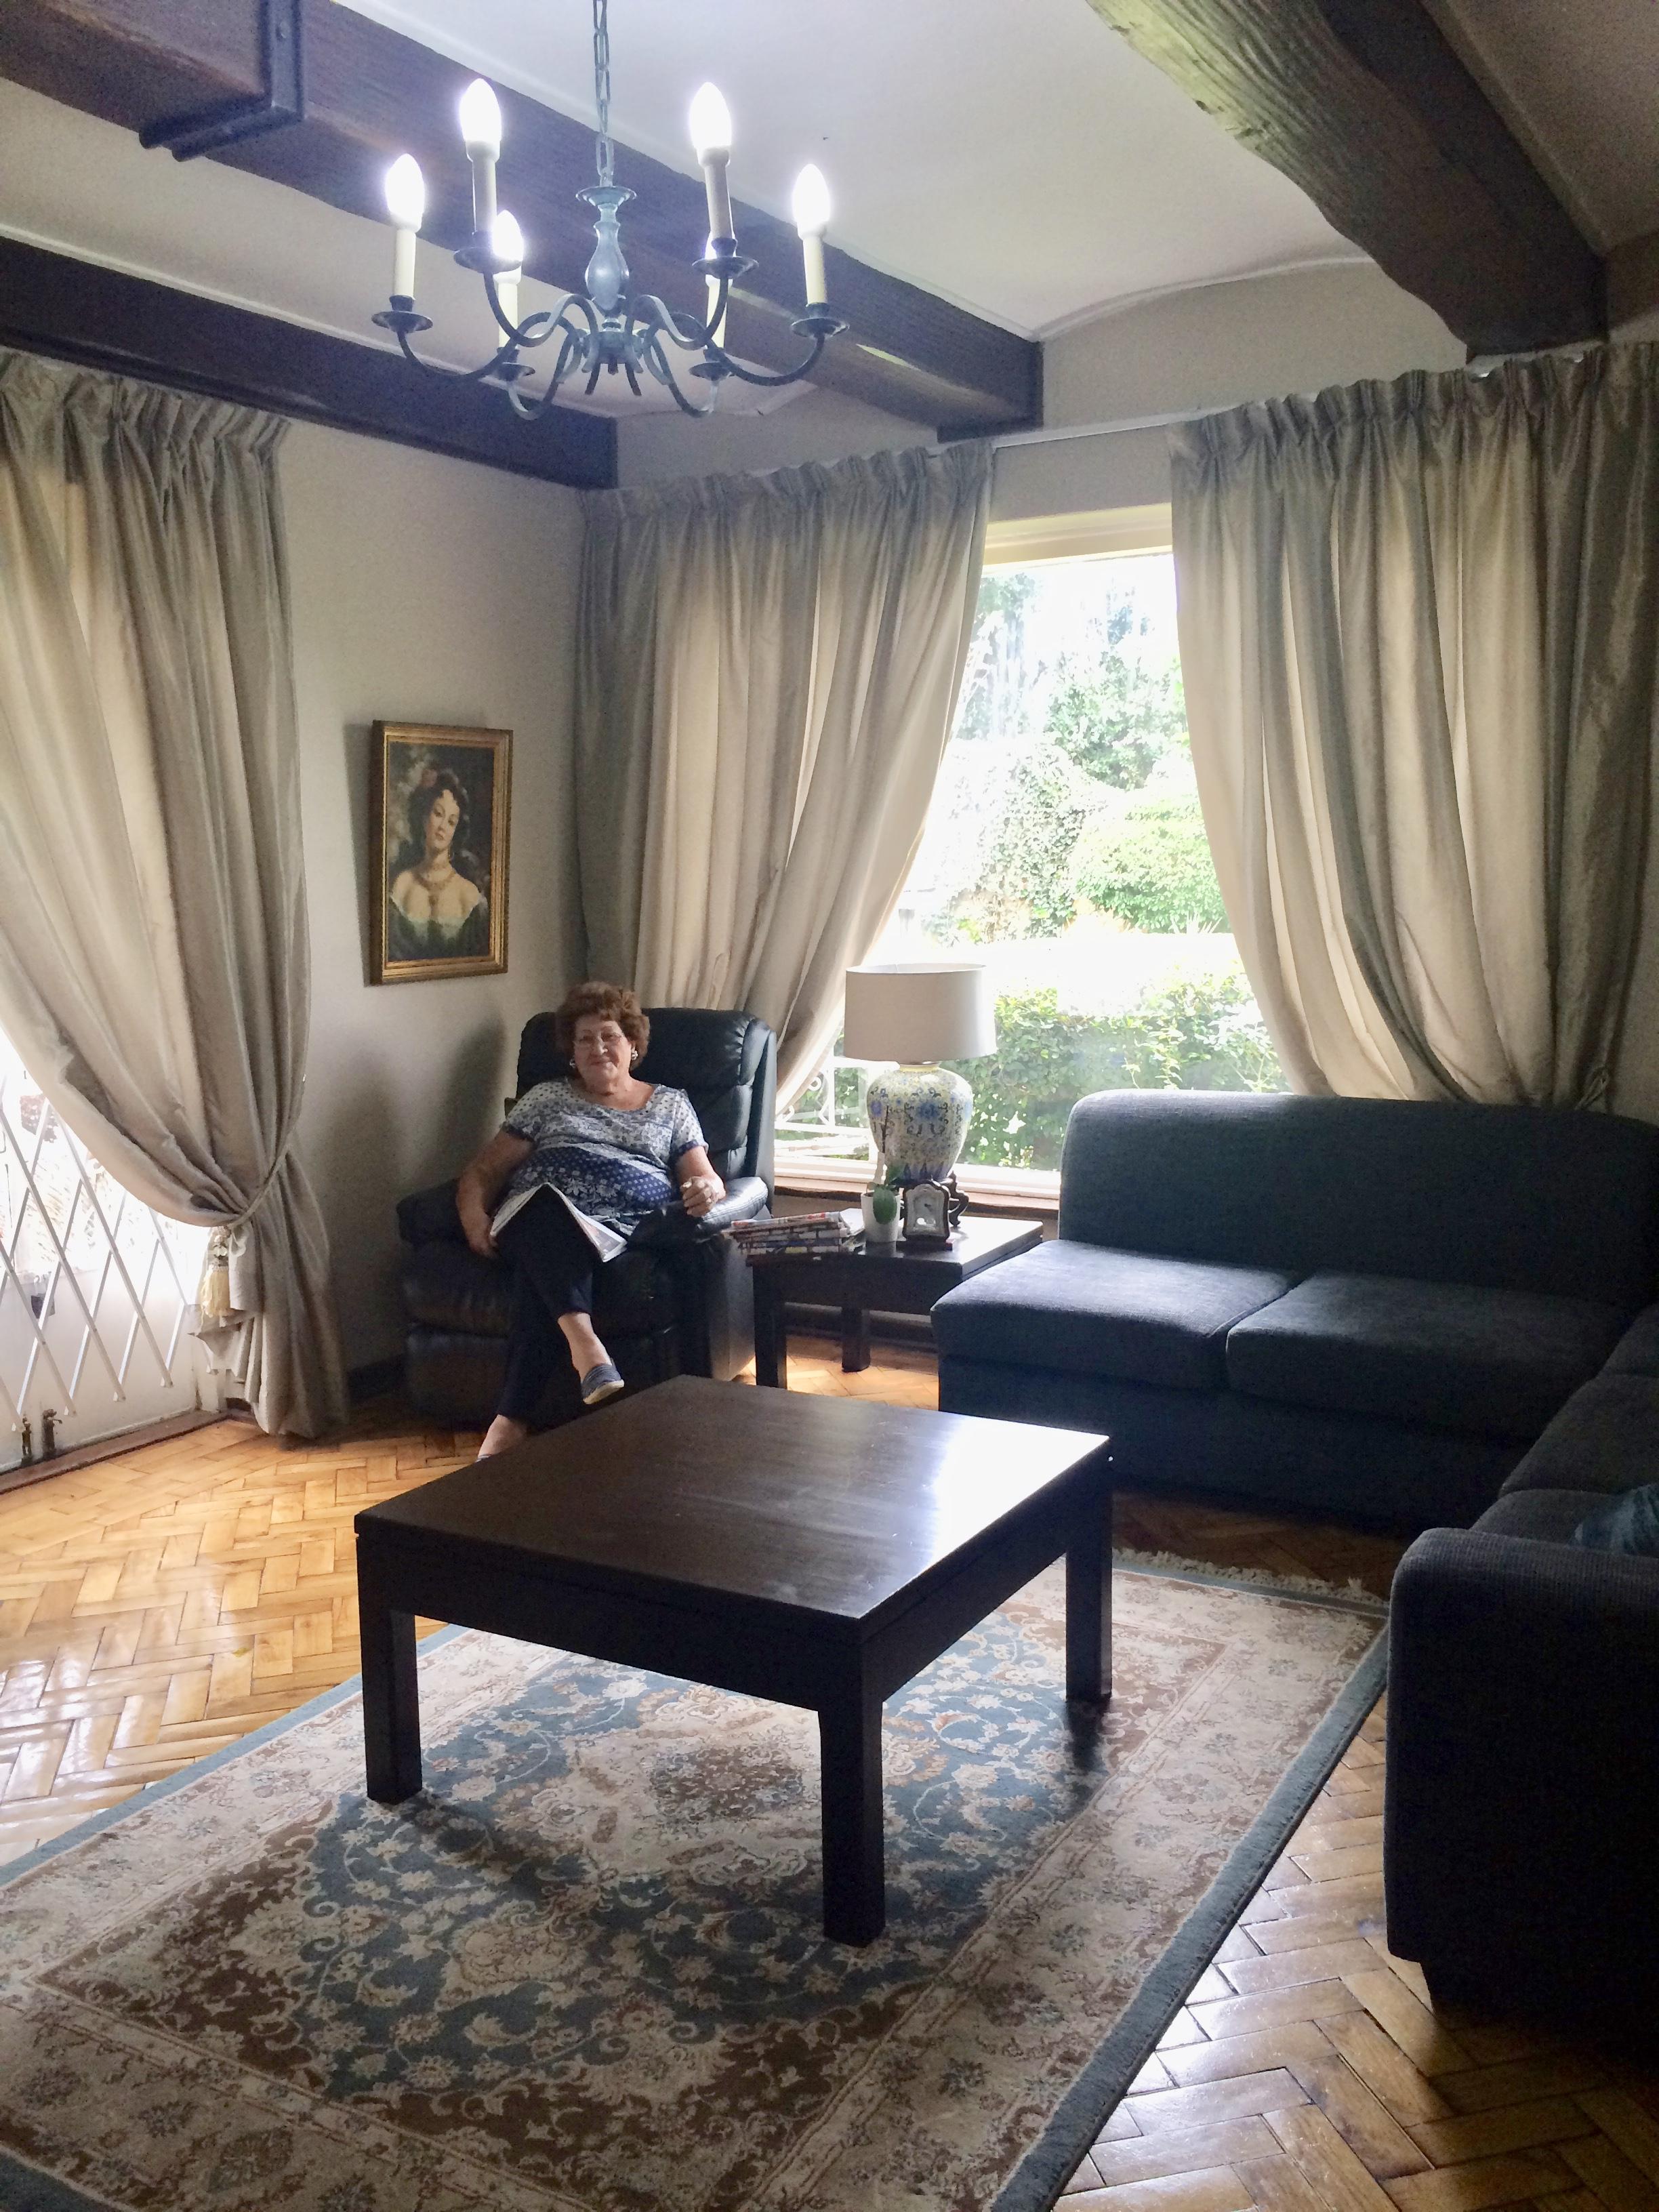 20 syvia pass, Linksfield Johannesburg, Gauteng, 5 Bedrooms Bedrooms, ,3 BathroomsBathrooms,House,For sale,syvia pass,1025